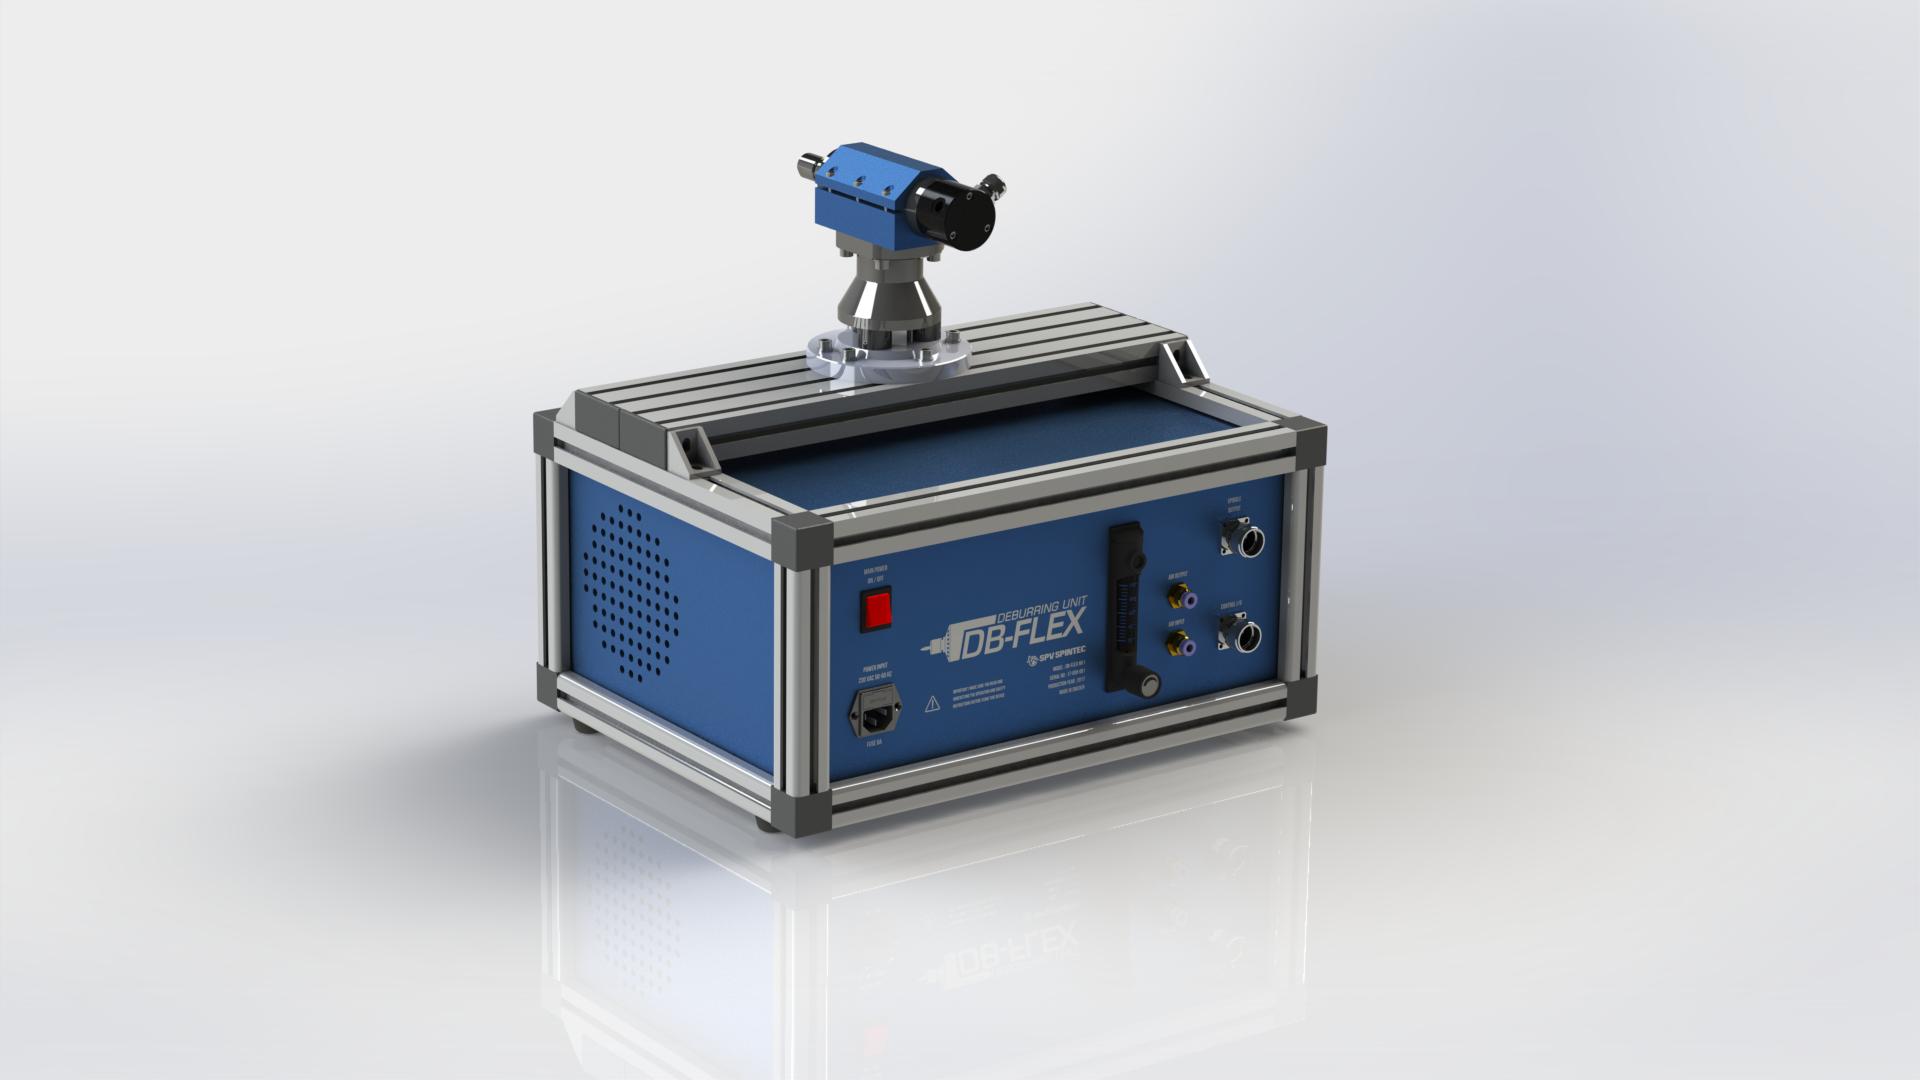 DB-Flex - Komplett lösning där robot för maskinbetjäning kan användas för att grada detaljer.